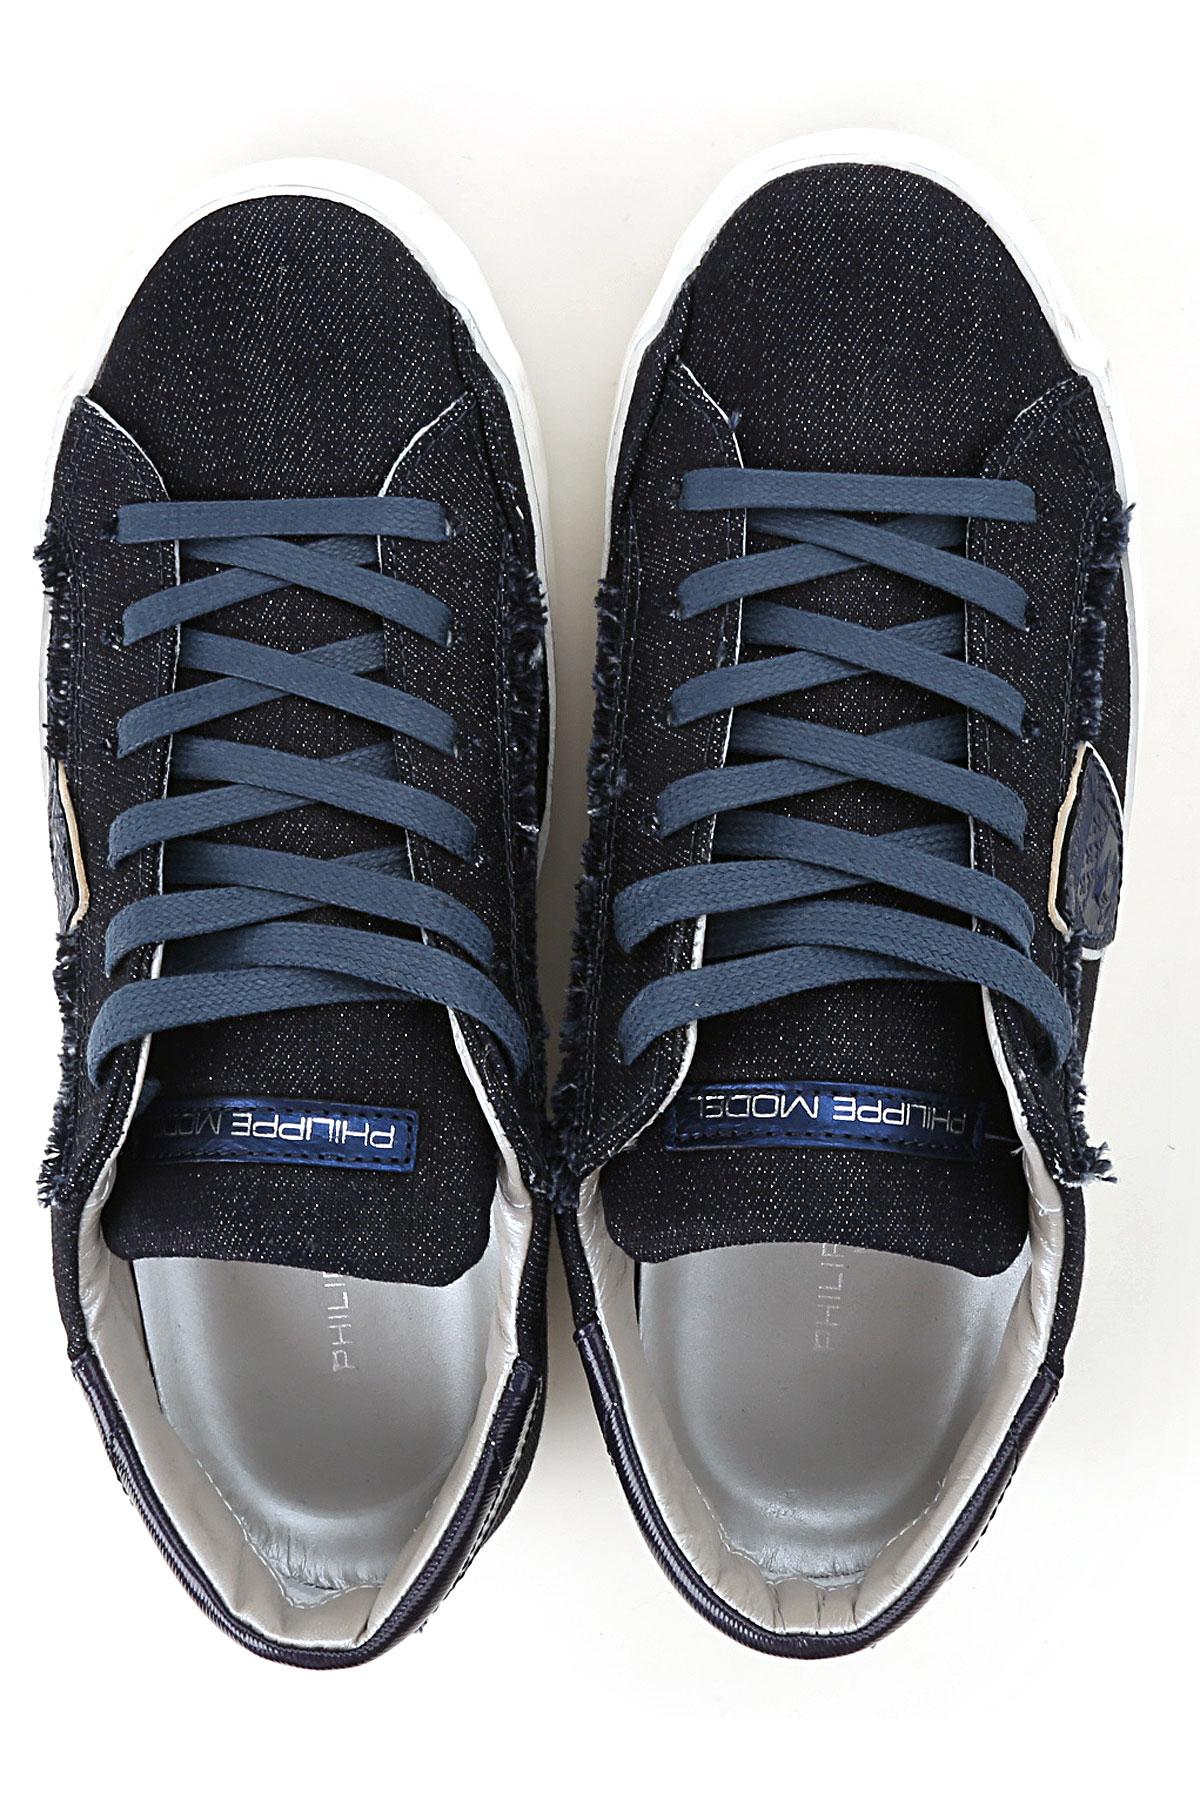 Scarpe Donna Sneakers Philippe Model Offerte Limitate